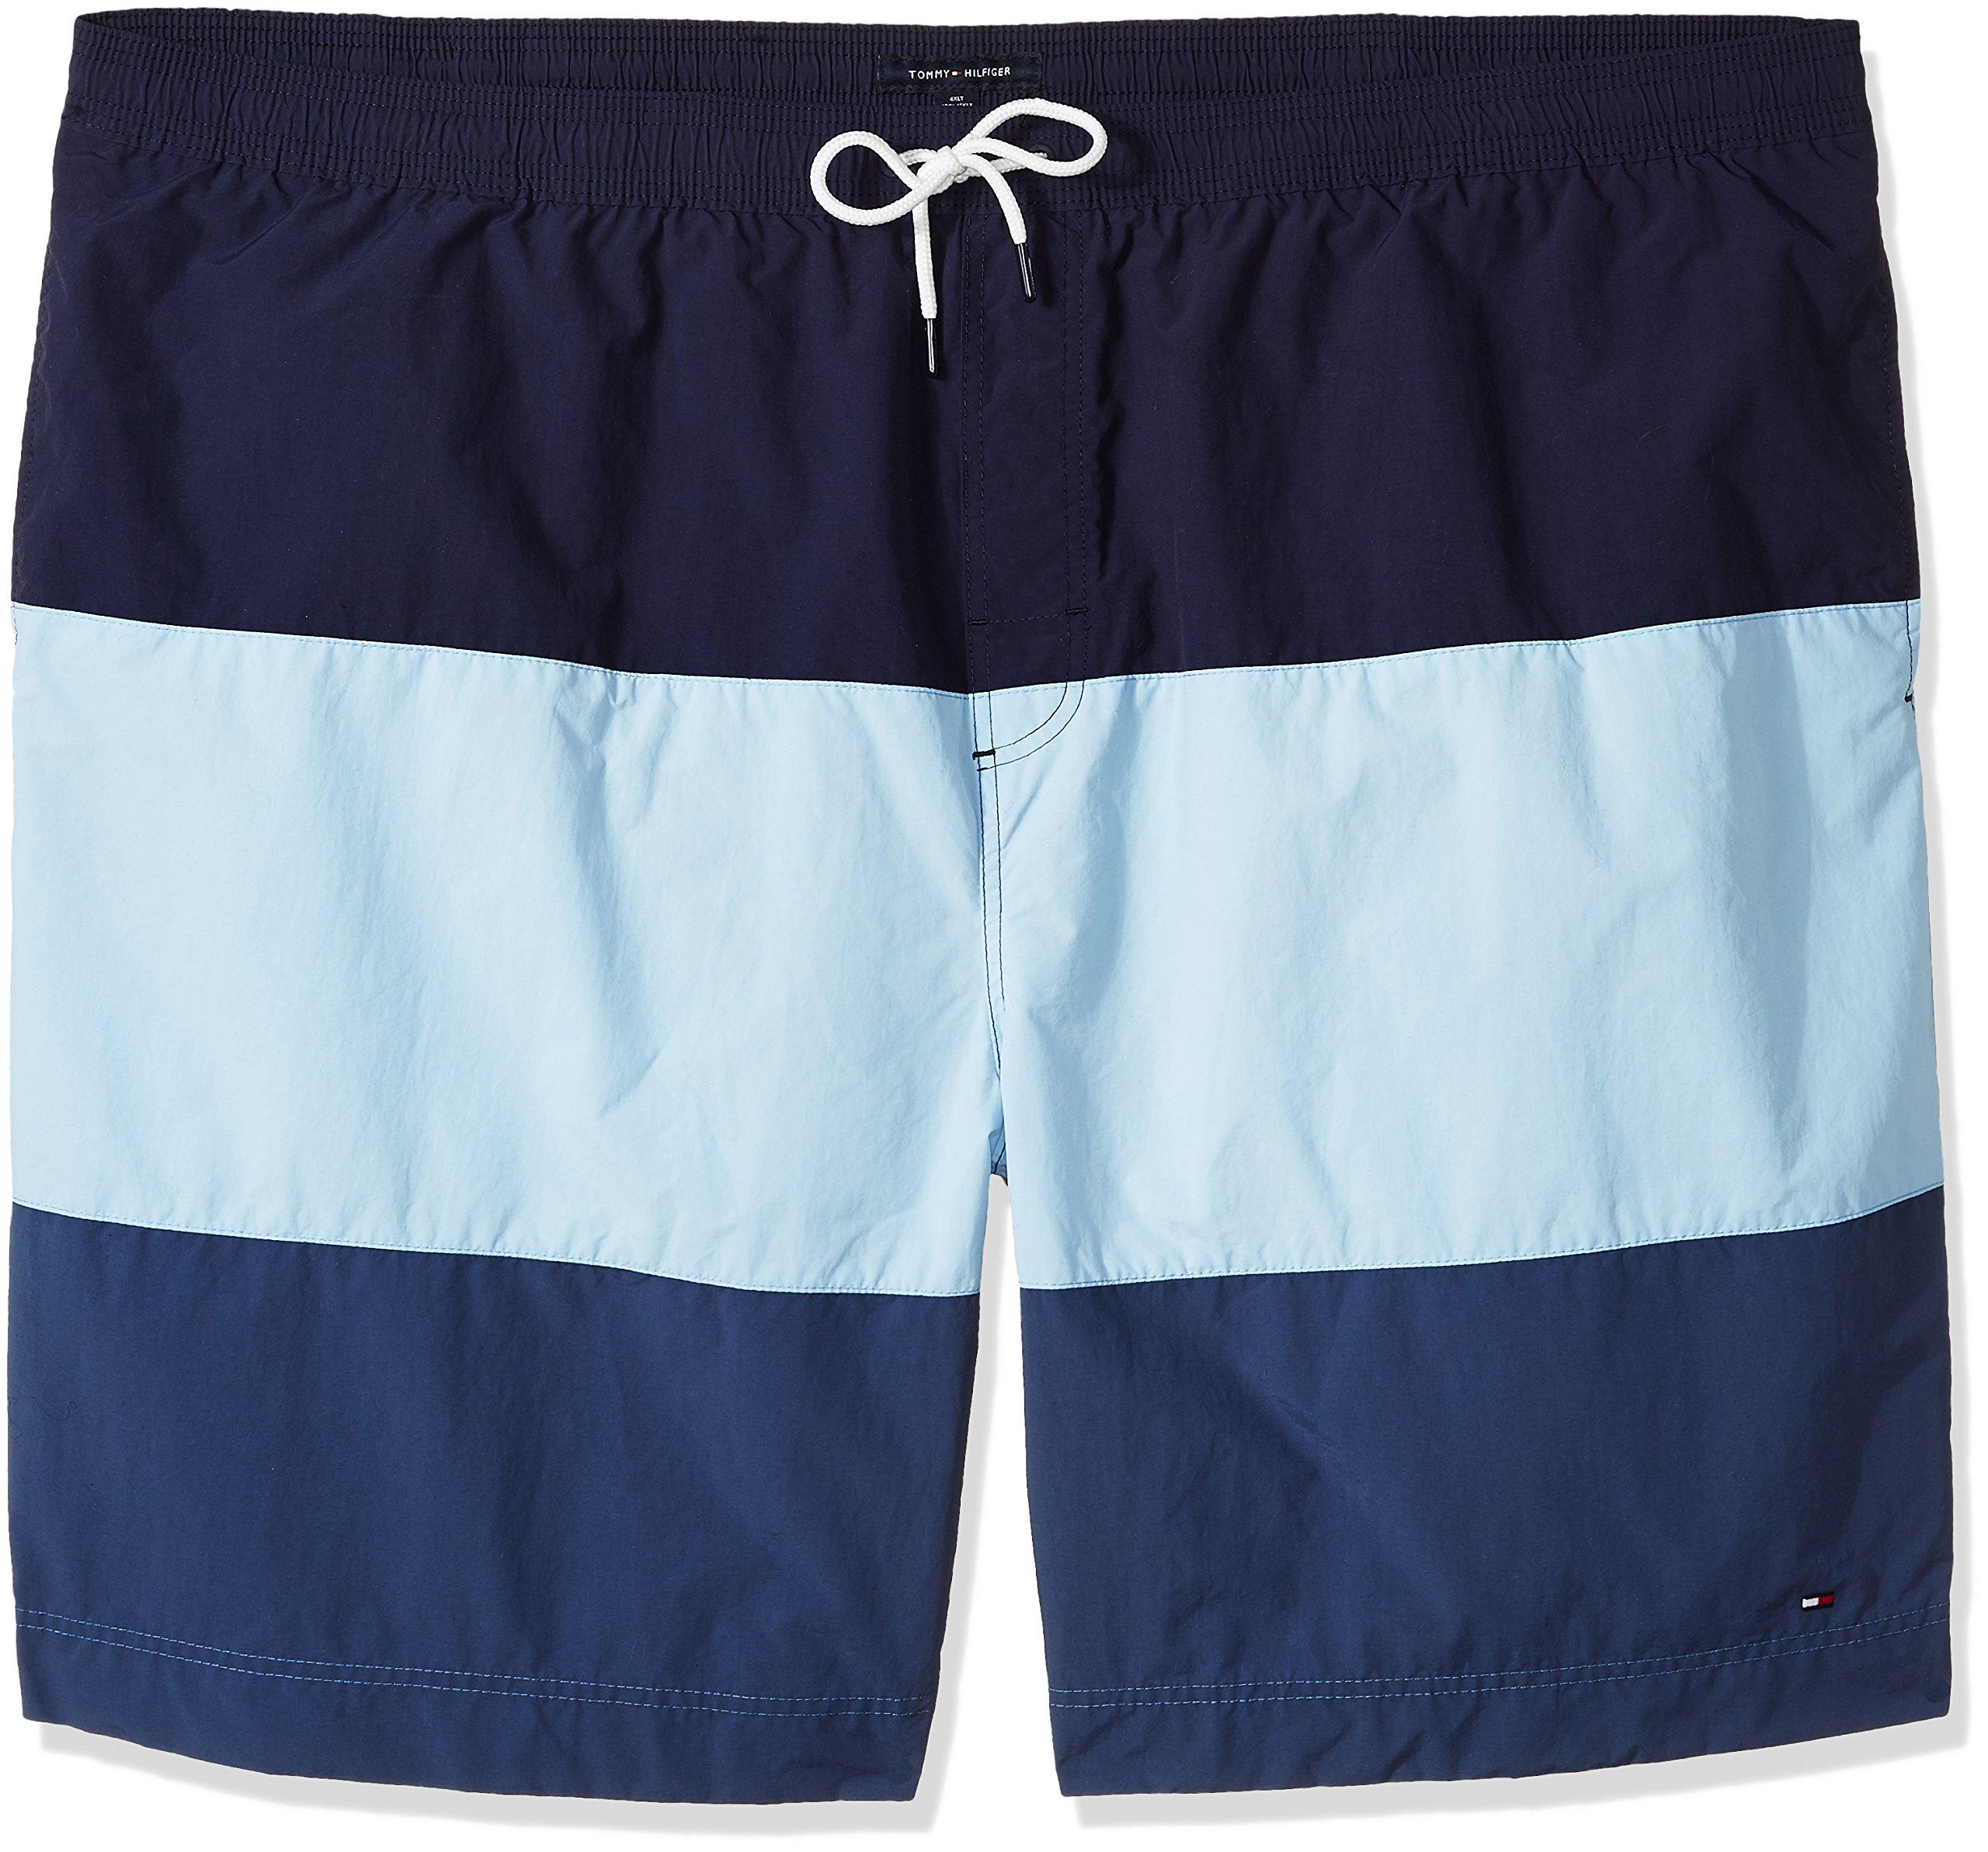 Tommy Hilfiger Men's Big and Tall Swim Trunks Cannon Stripe, Peacoat, TL-L